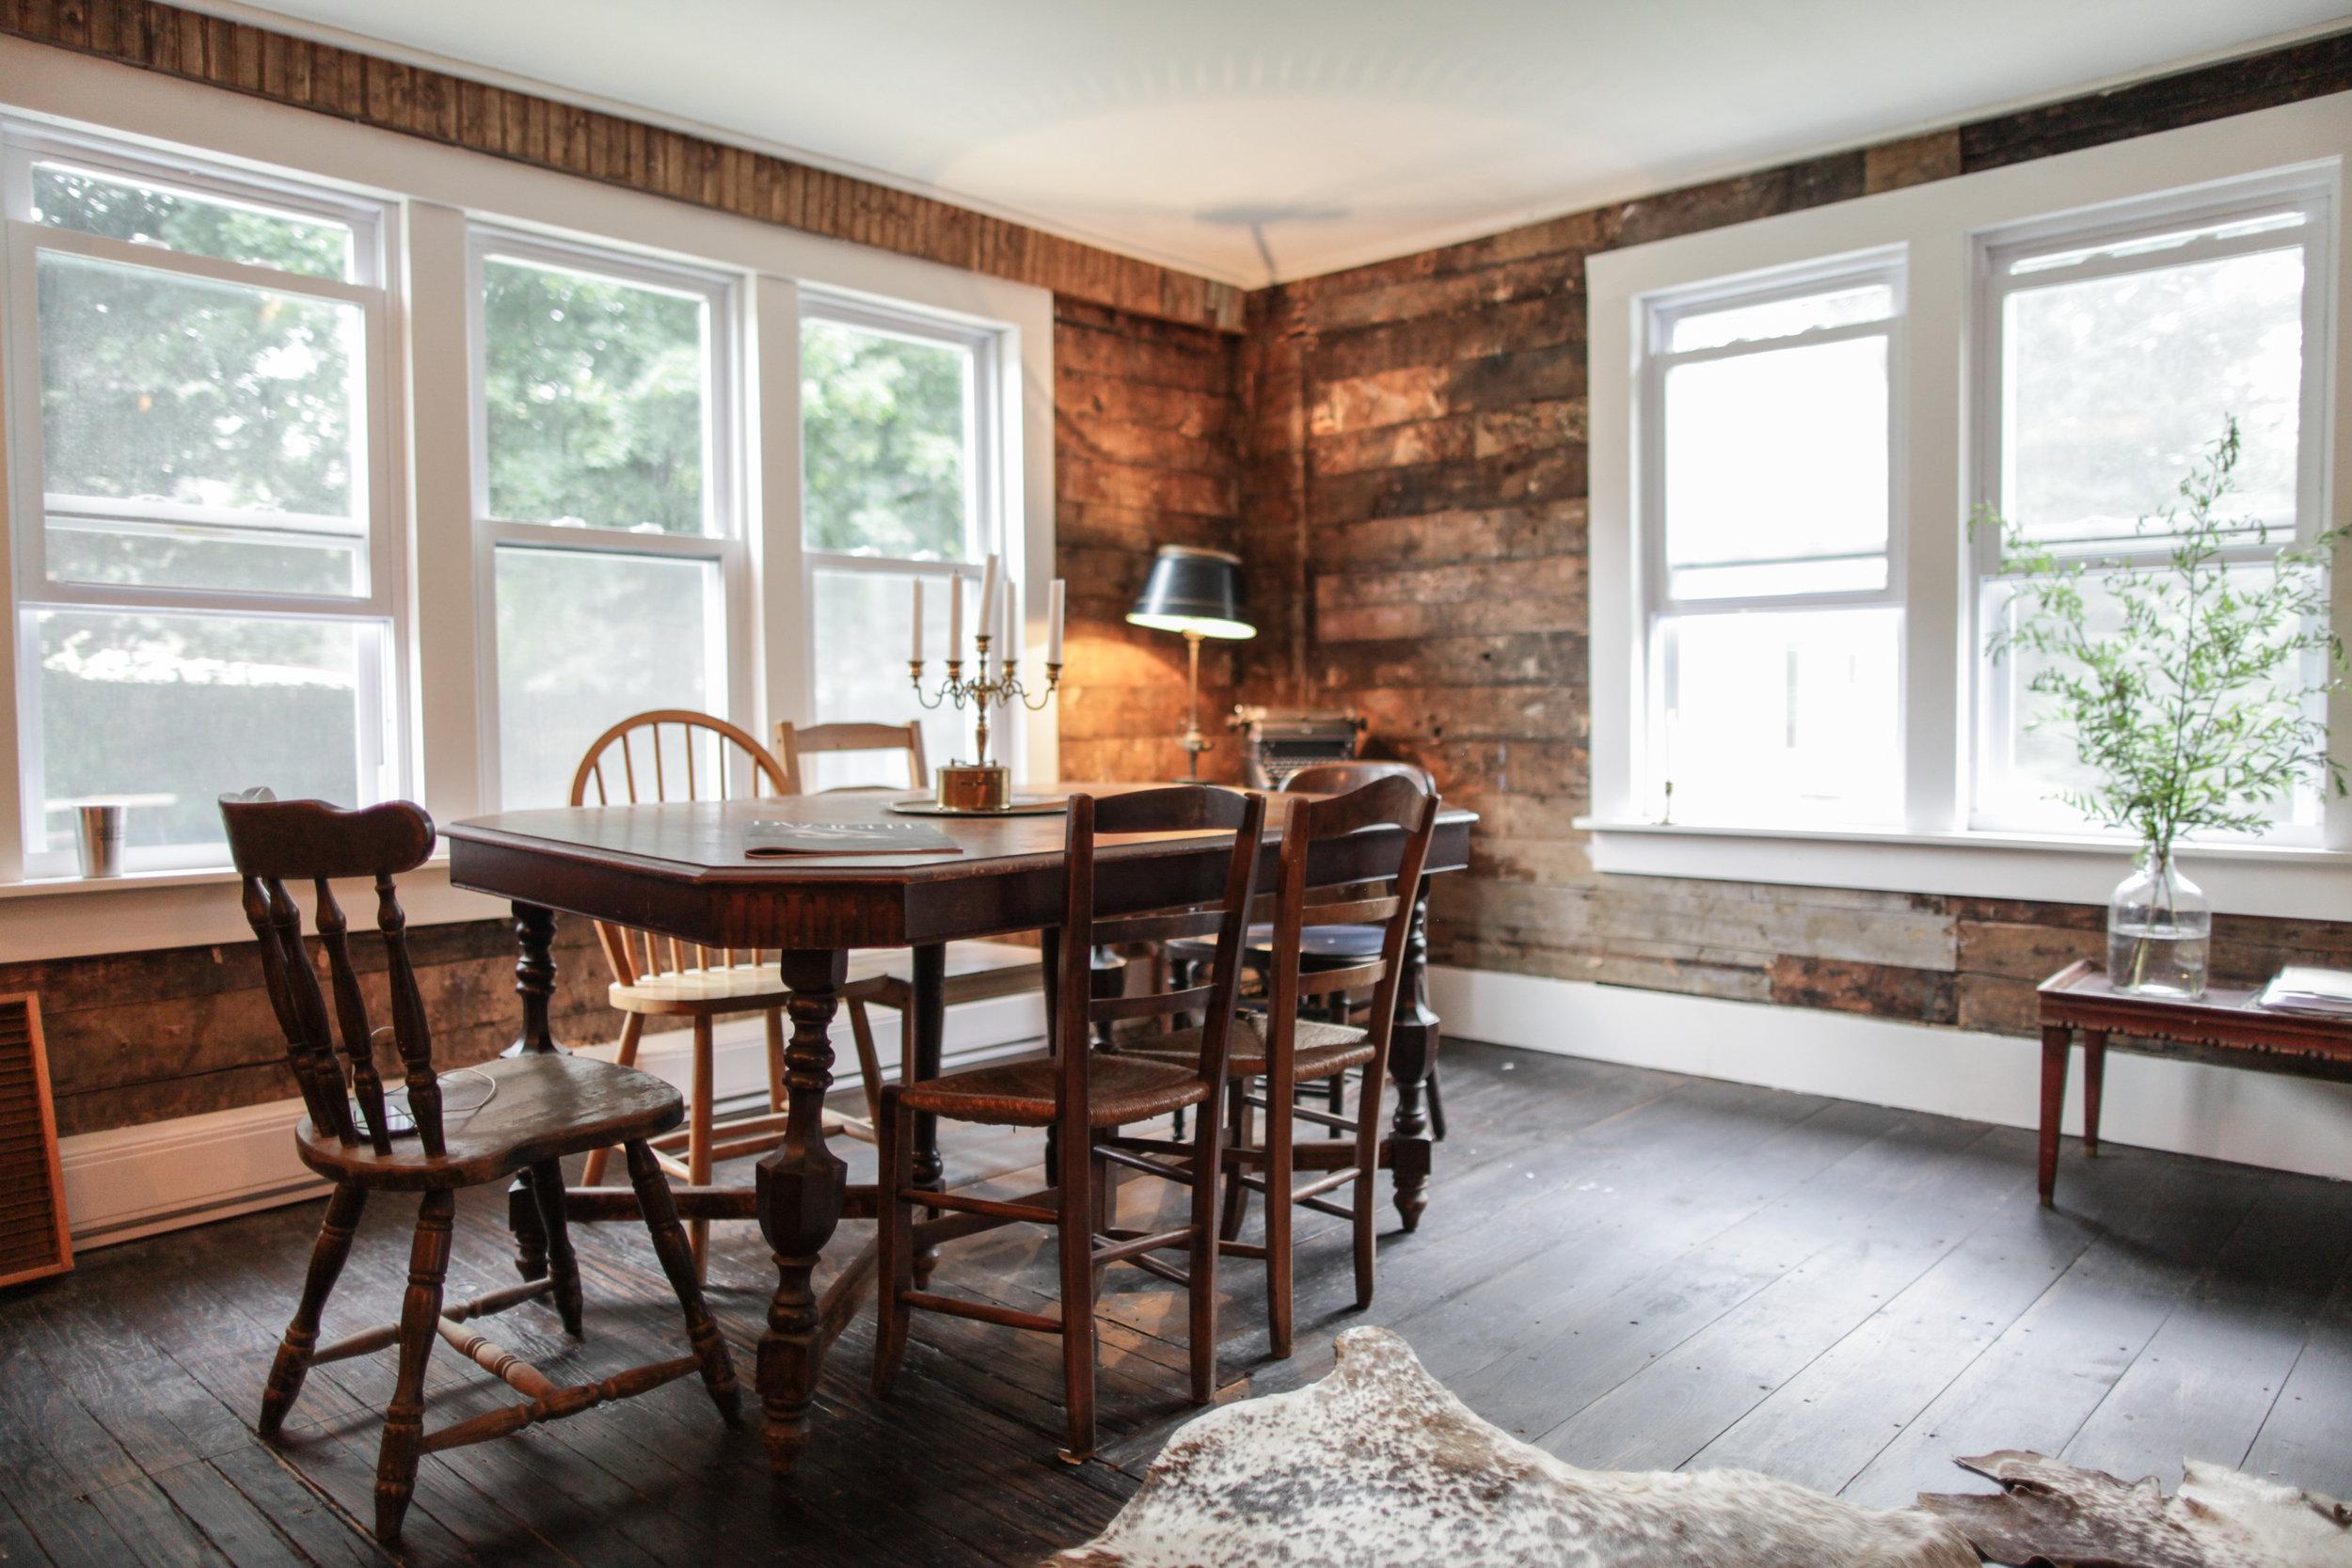 Livingston Lodge Livingroom Dinner Table.jpg